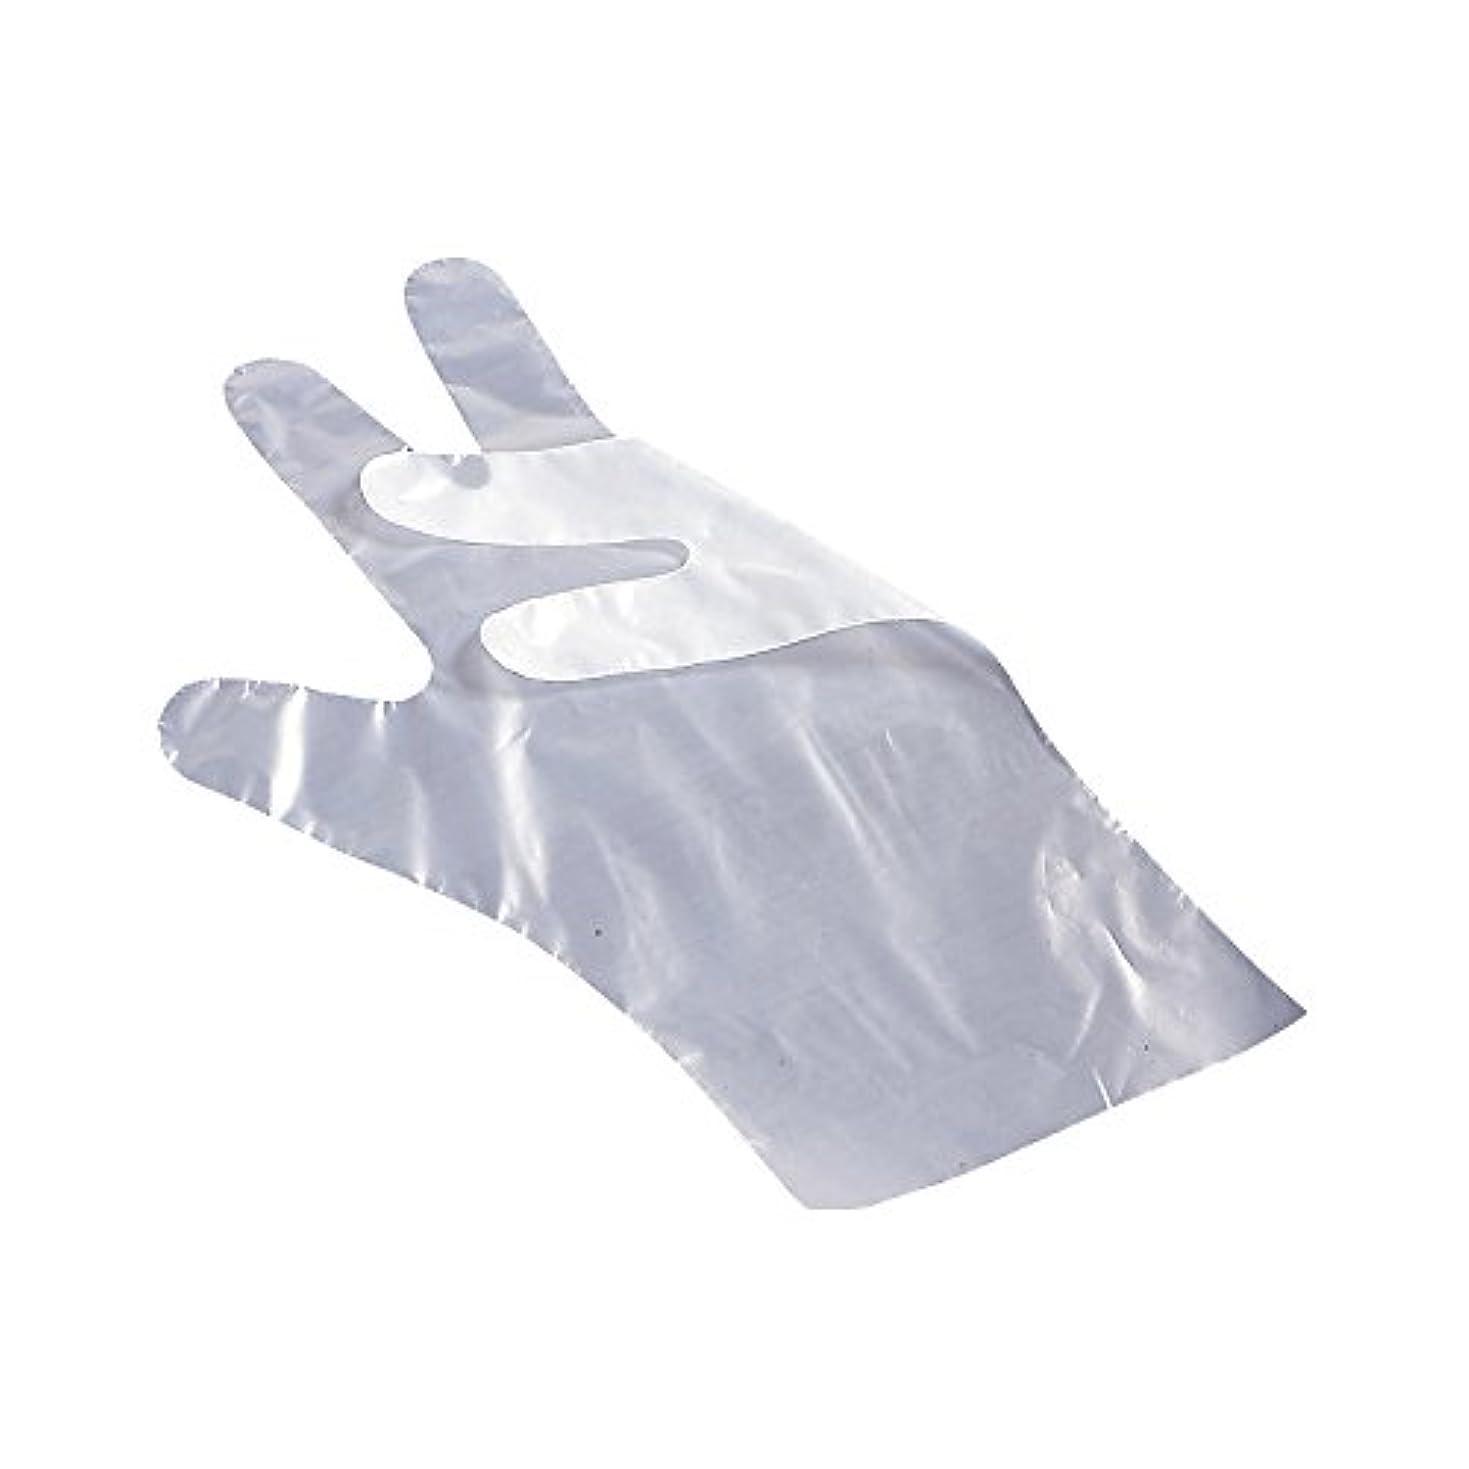 アクチュエータ排除するデイジーサクラメンポリエチレン手袋 エコノミー強力 A 200枚入 S